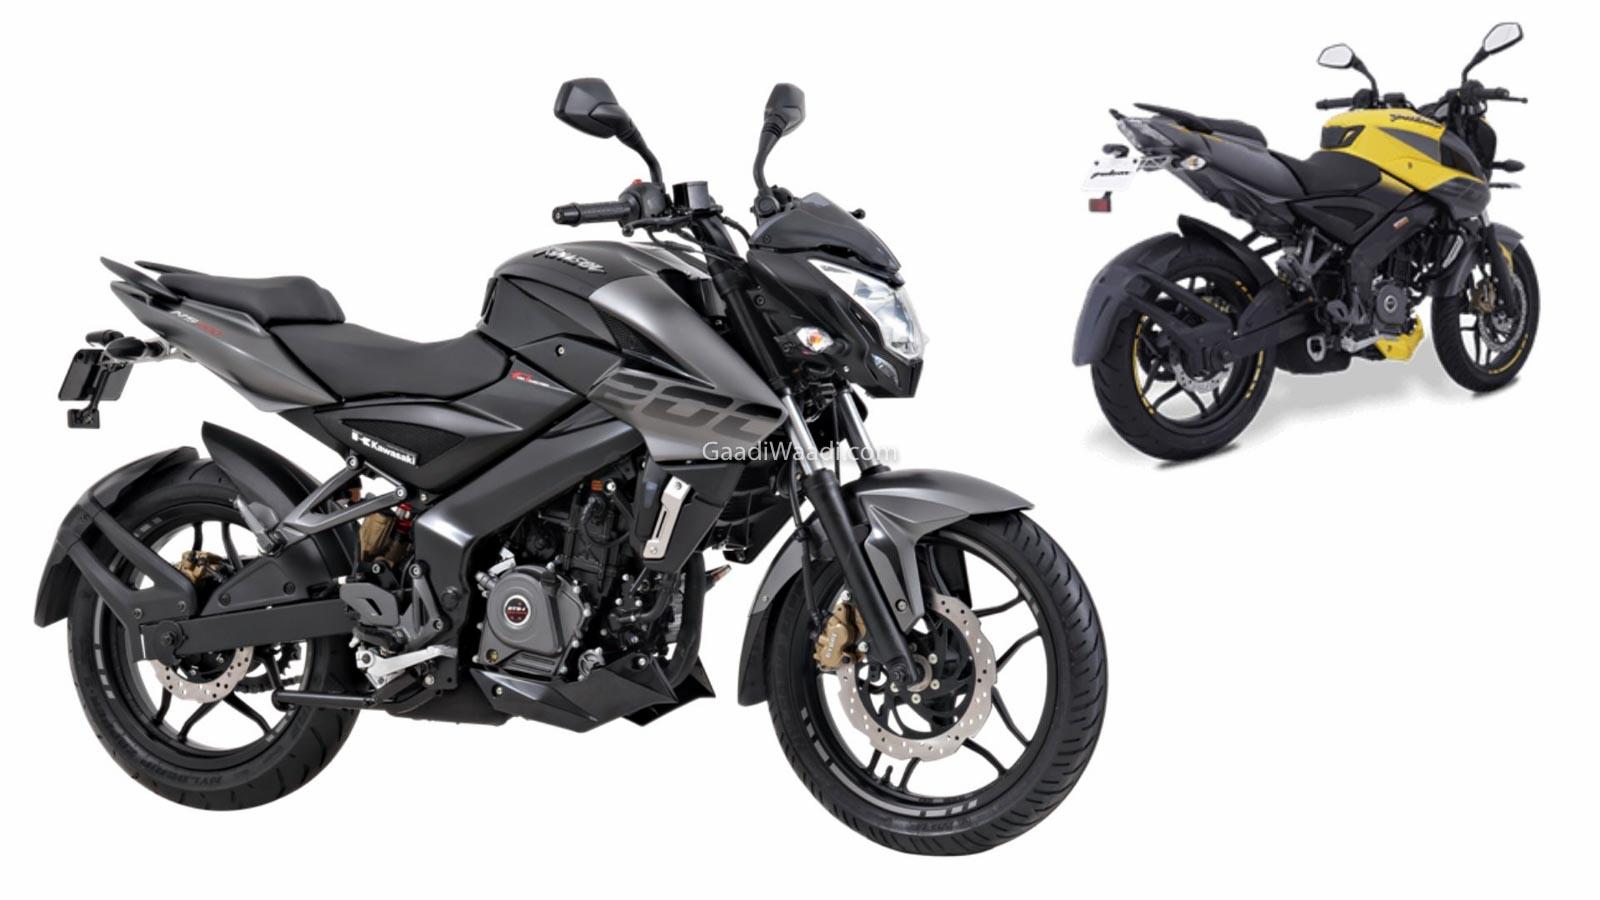 Bajaj confirma y ya muestra la NS200 en versión 2021